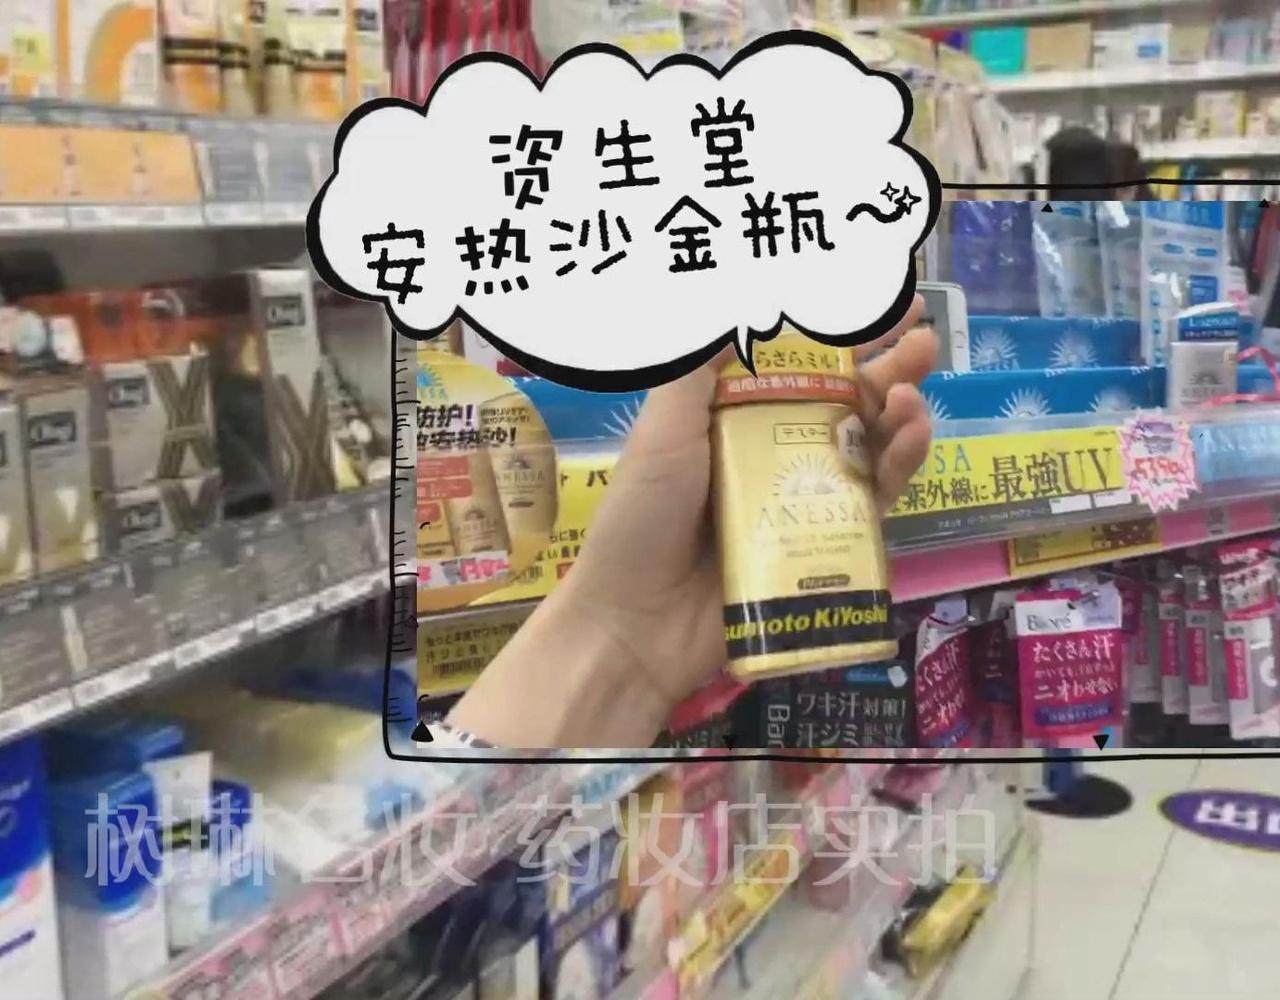 【日本直邮】小喵带你种草资生堂小金瓶防晒霜!日本经典防晒~